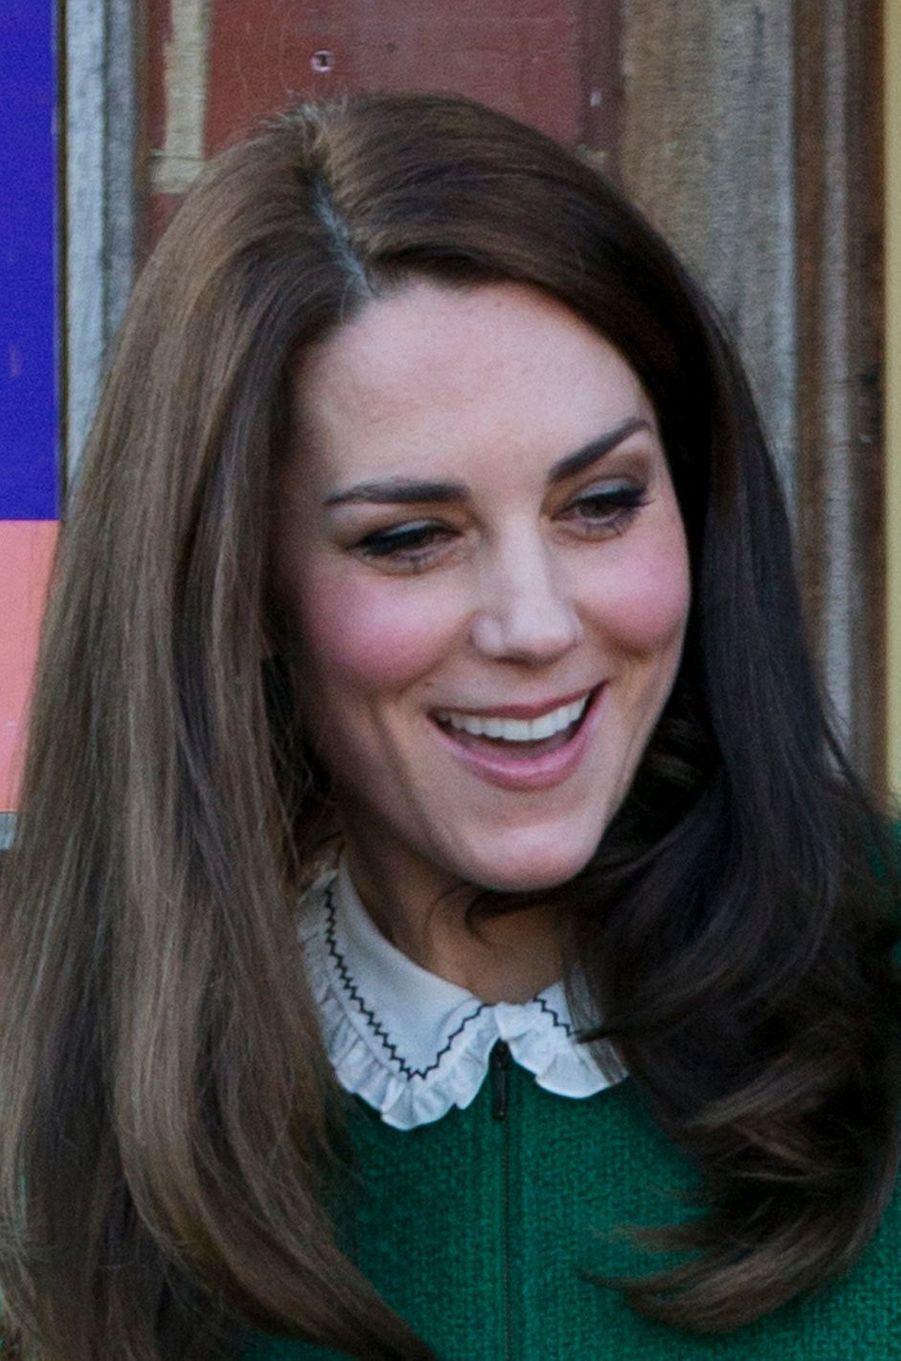 Détail du col de la blouse Gérard Darel de la duchesse de Cambridge, née Kate Middleton, à Quidenham le 24 janvier 2017